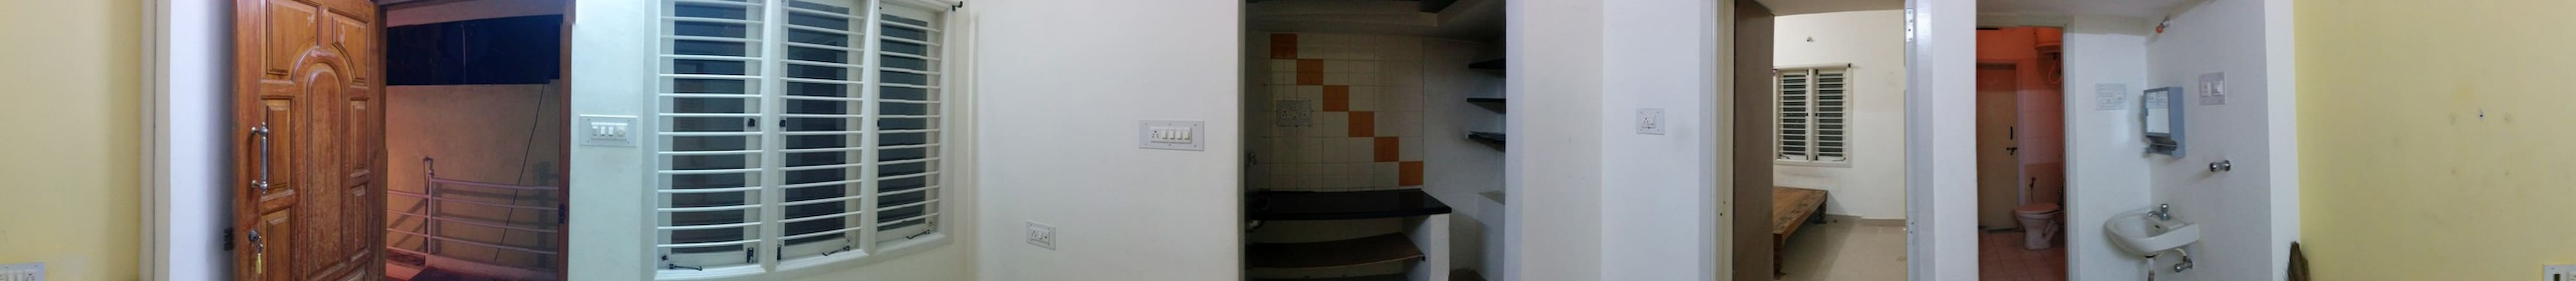 2BHK rent at Yelahanka near International Airport - Bengaluru - Huoneisto